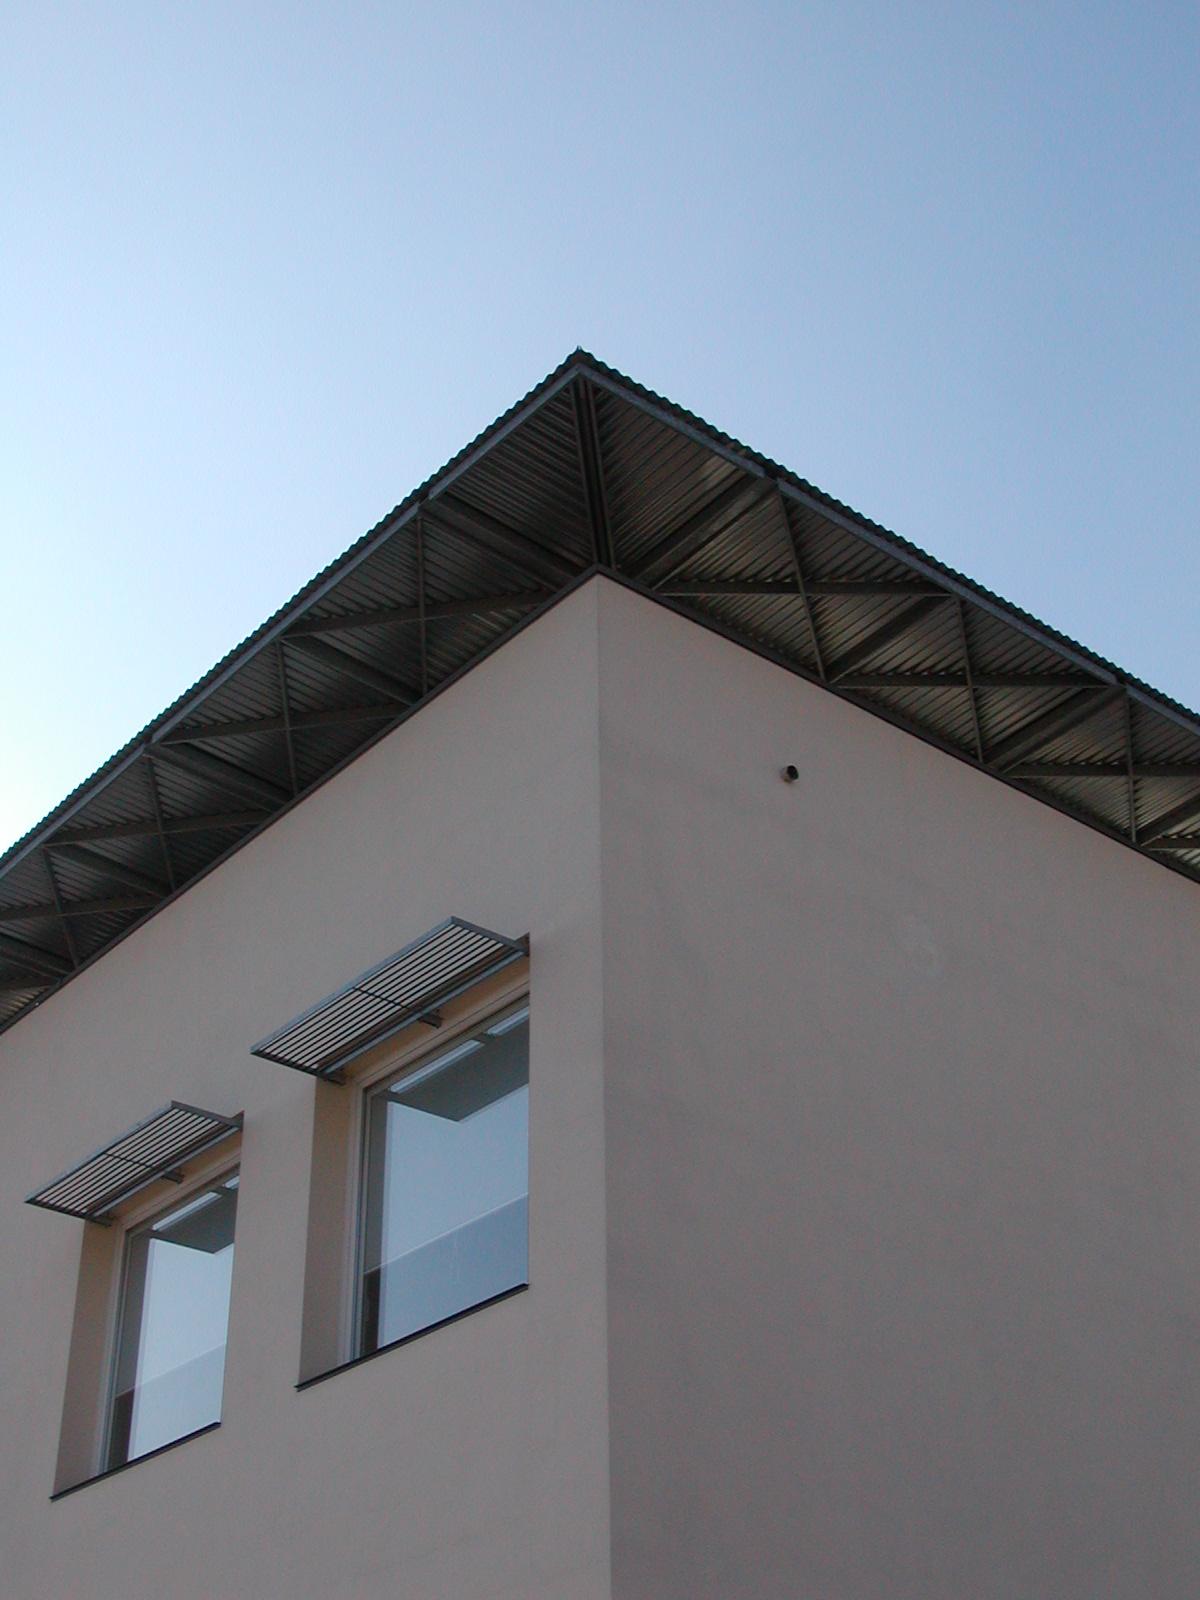 Studio-di-architettura-Baisotti-Sigala-prgetti20